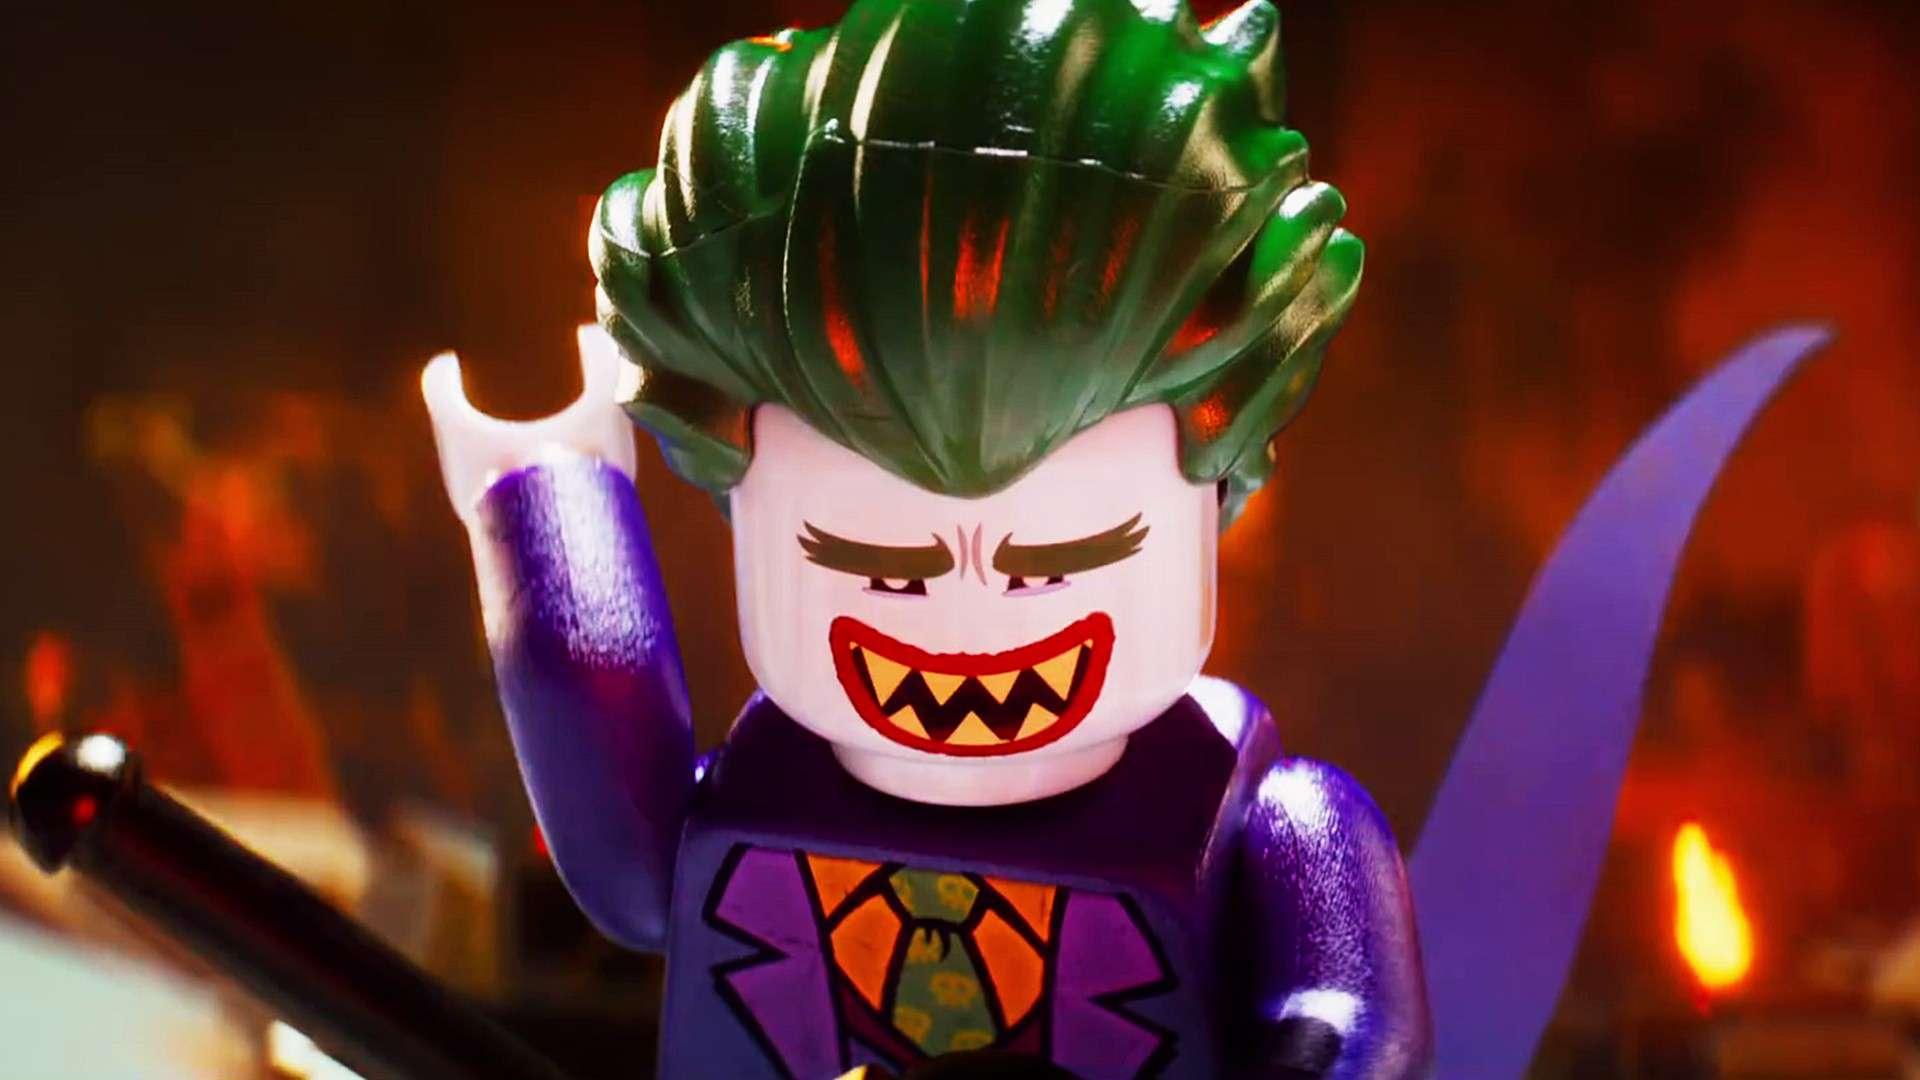 The LEGO Batman Movie Villains - Harley Quinn